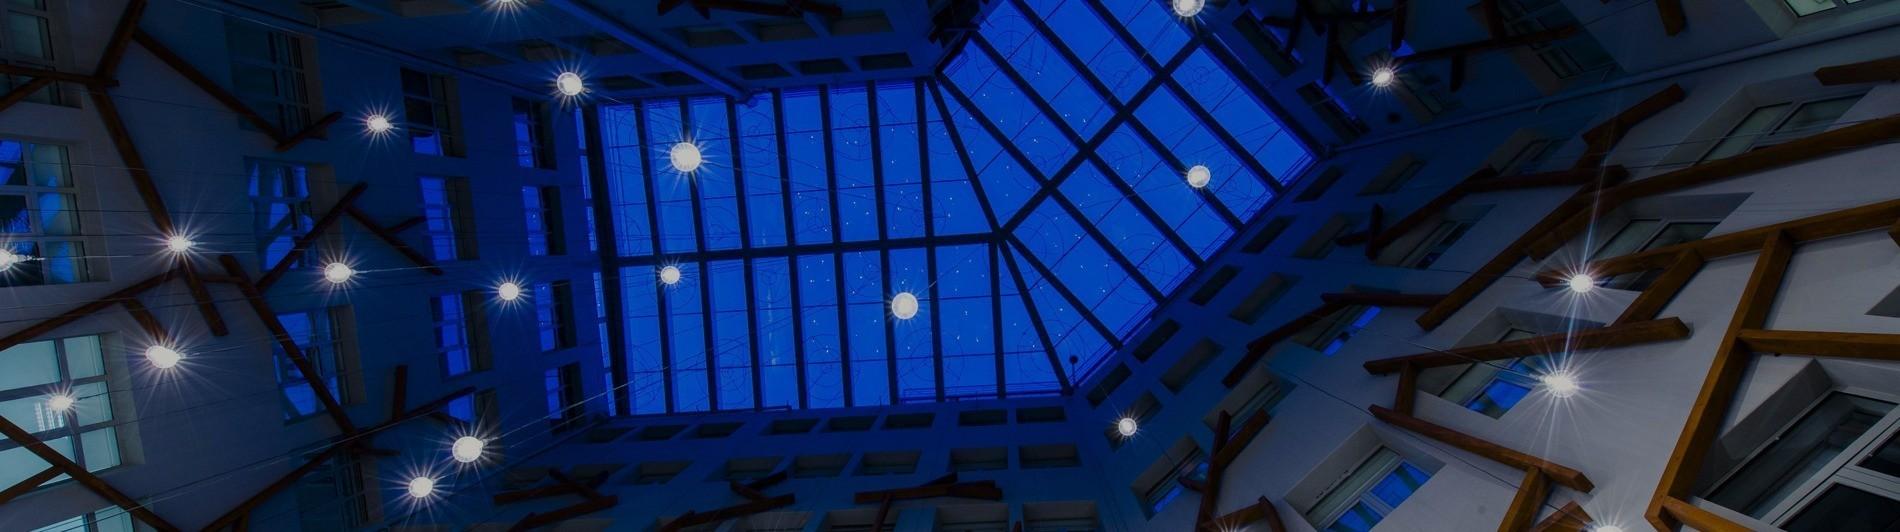 El techo del patio YARD iluminado por la noche